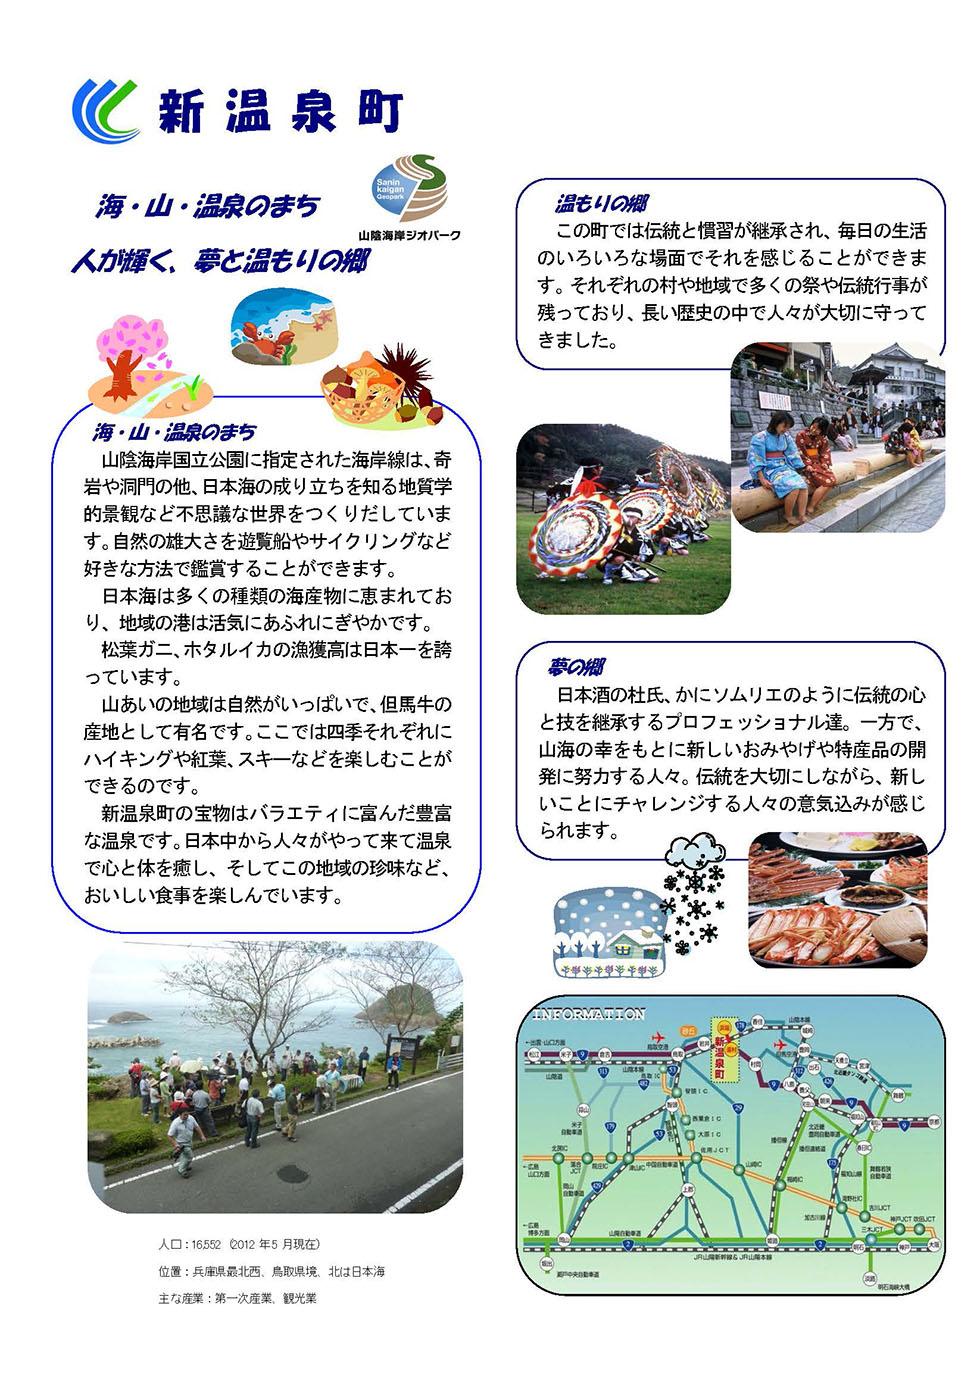 新温泉町案内パンフレット日本語版1